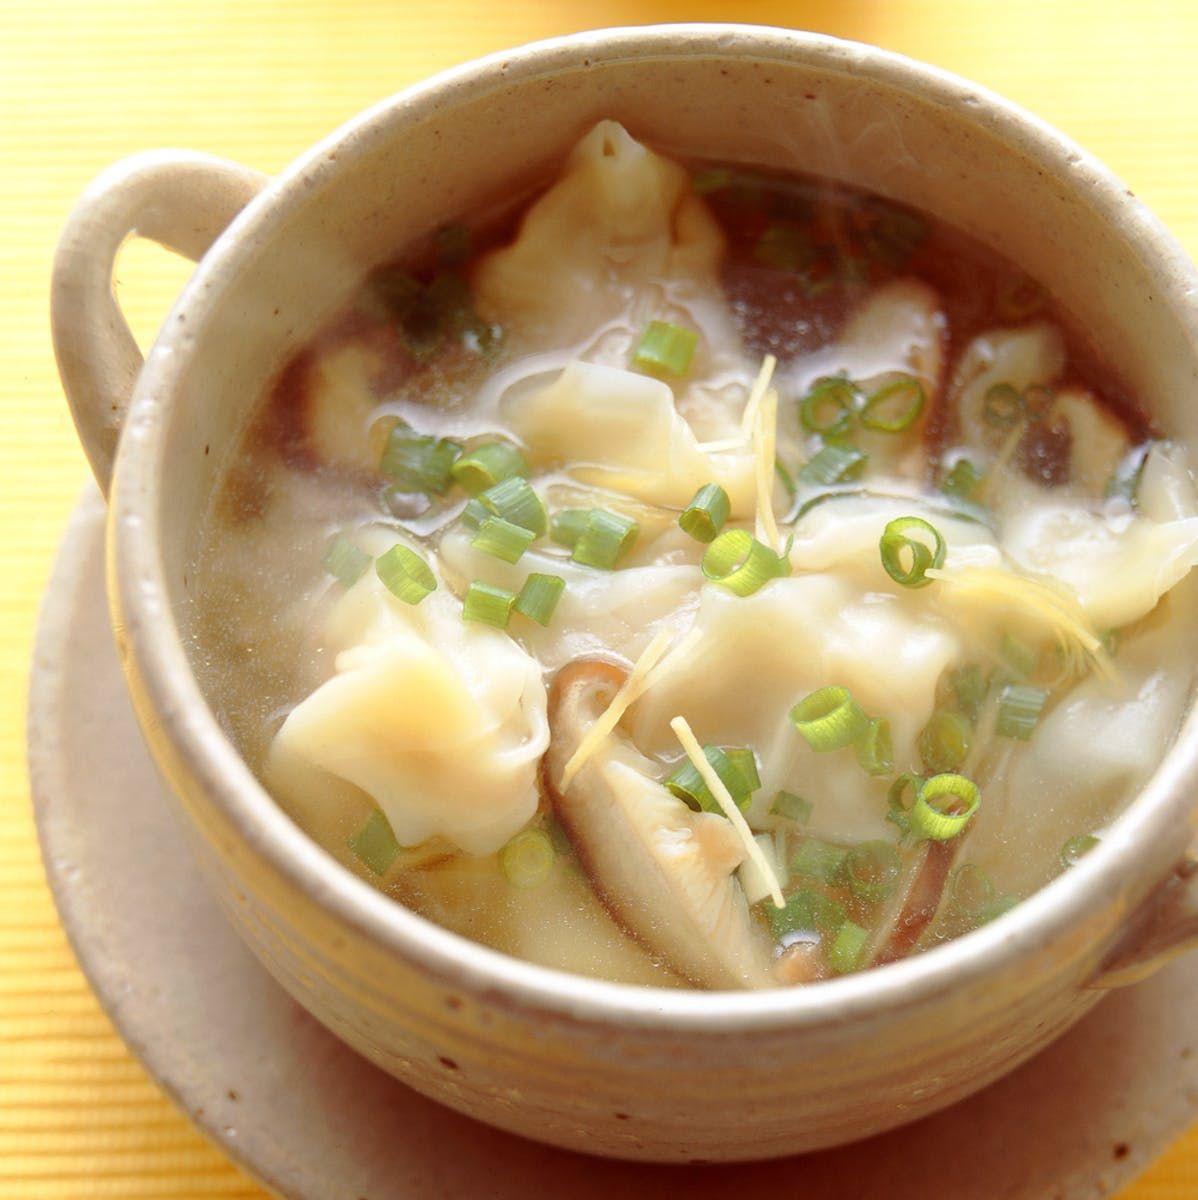 ワンタン スープ レシピ 【みんなが作ってる】 ワンタンスープのレシピ